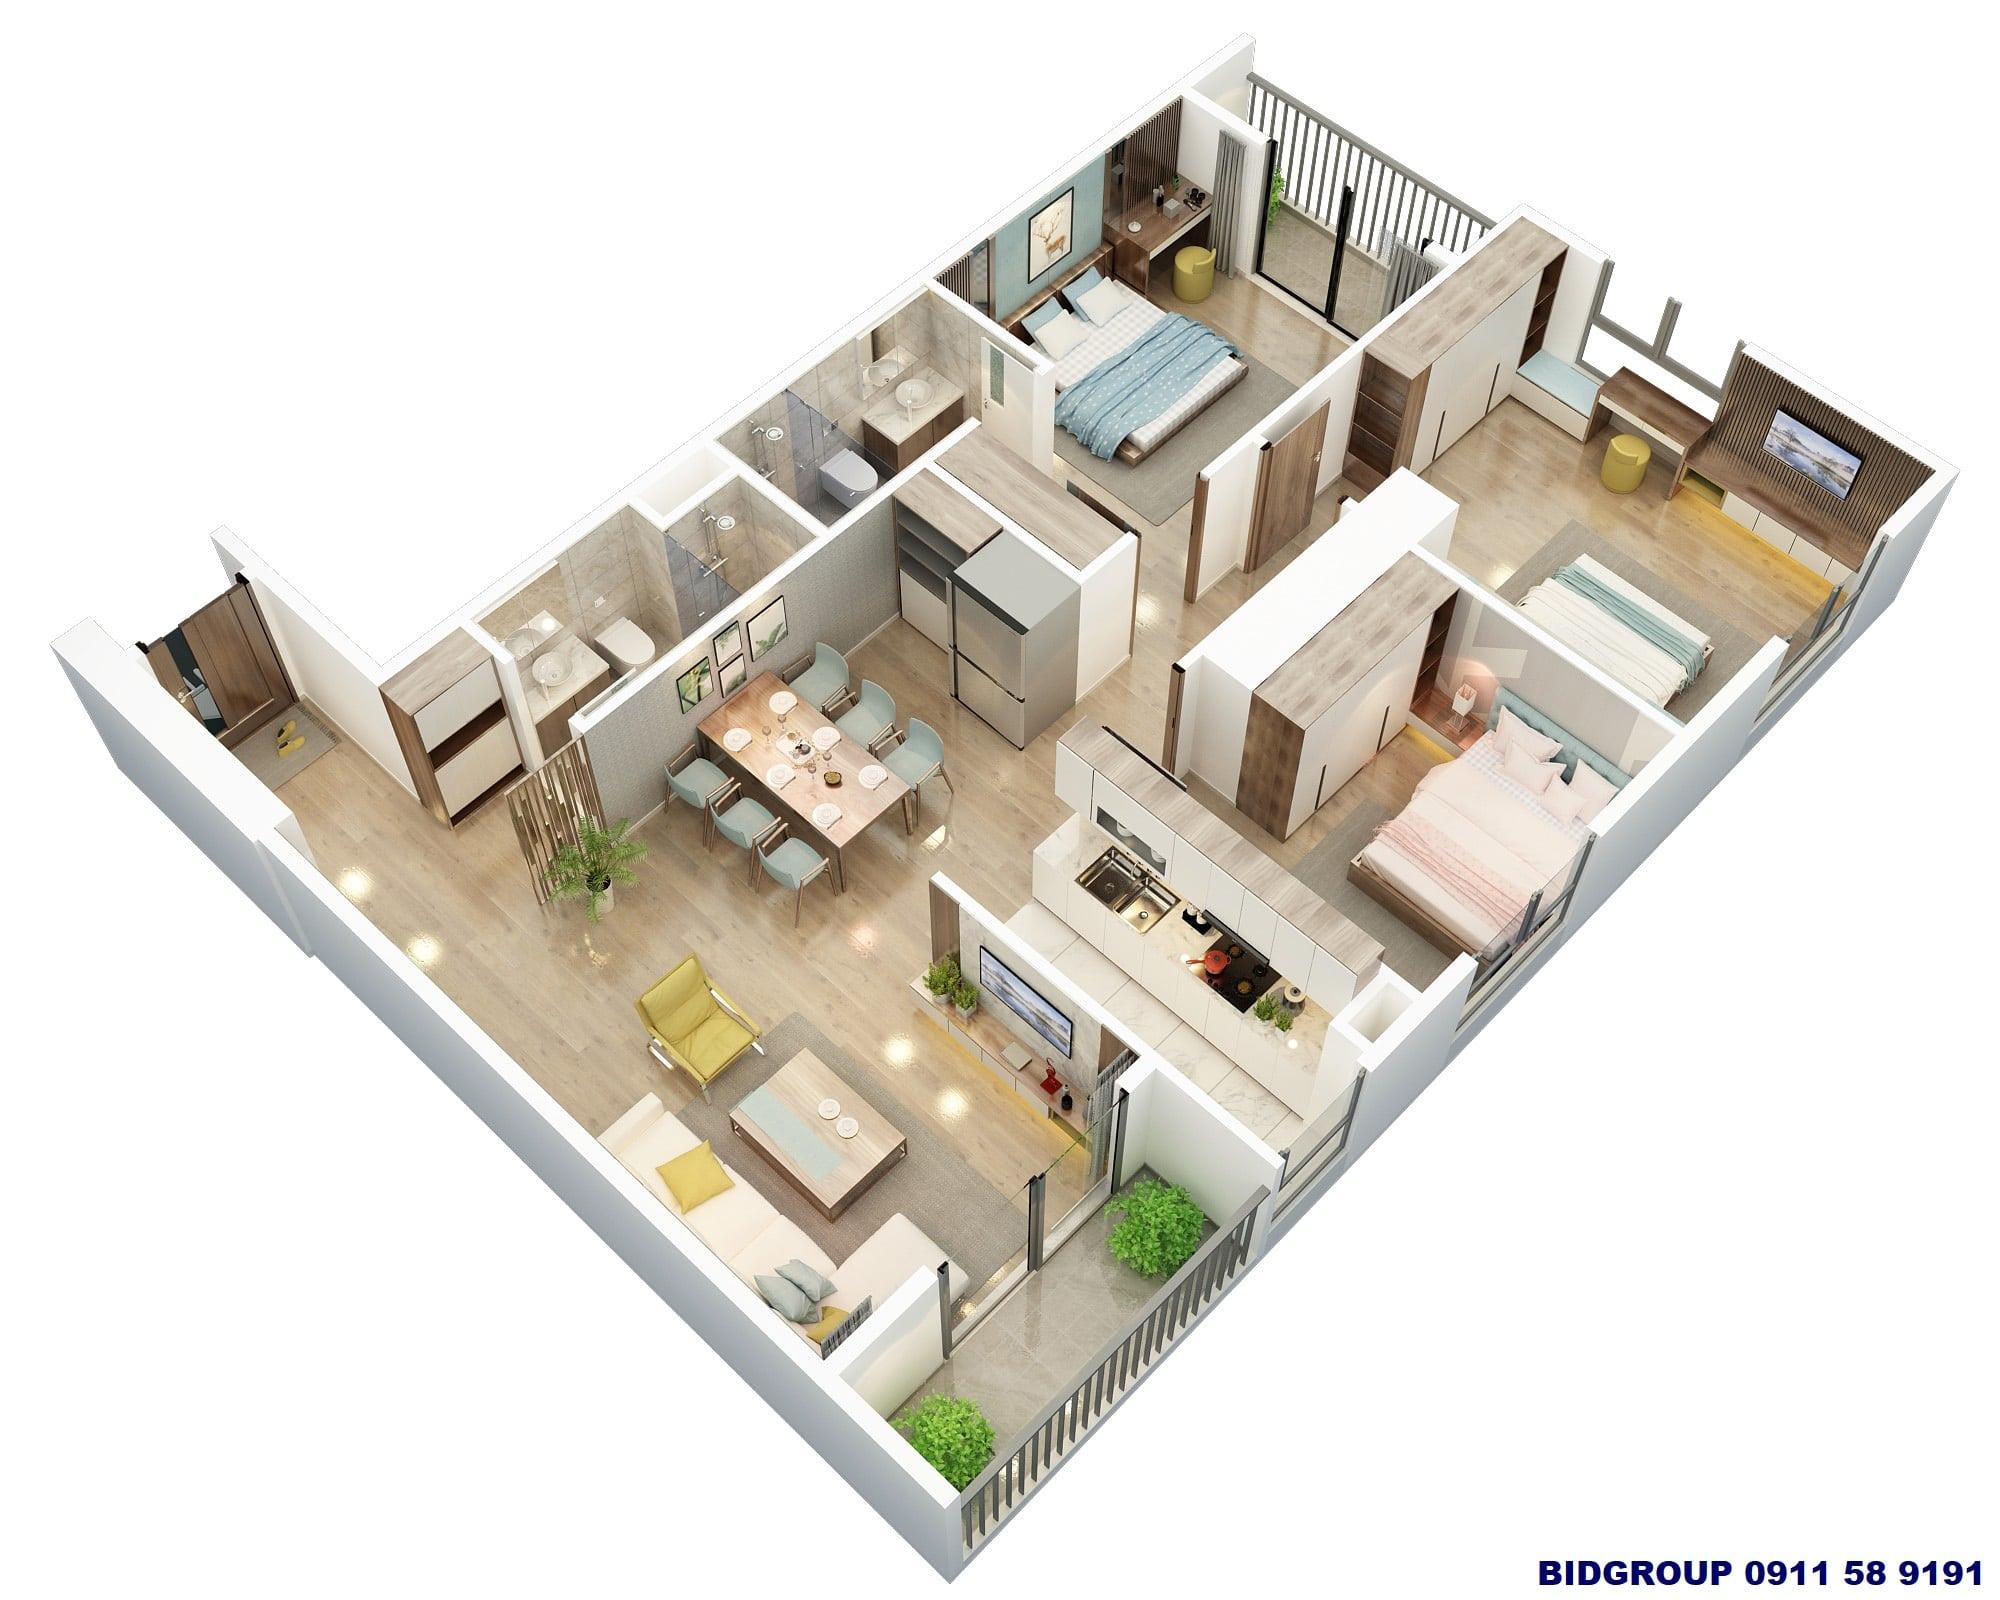 Thiết kế 3D căn hộ góc 3 phòng ngủ 101m2 Dự án BID Group Tố Hữu